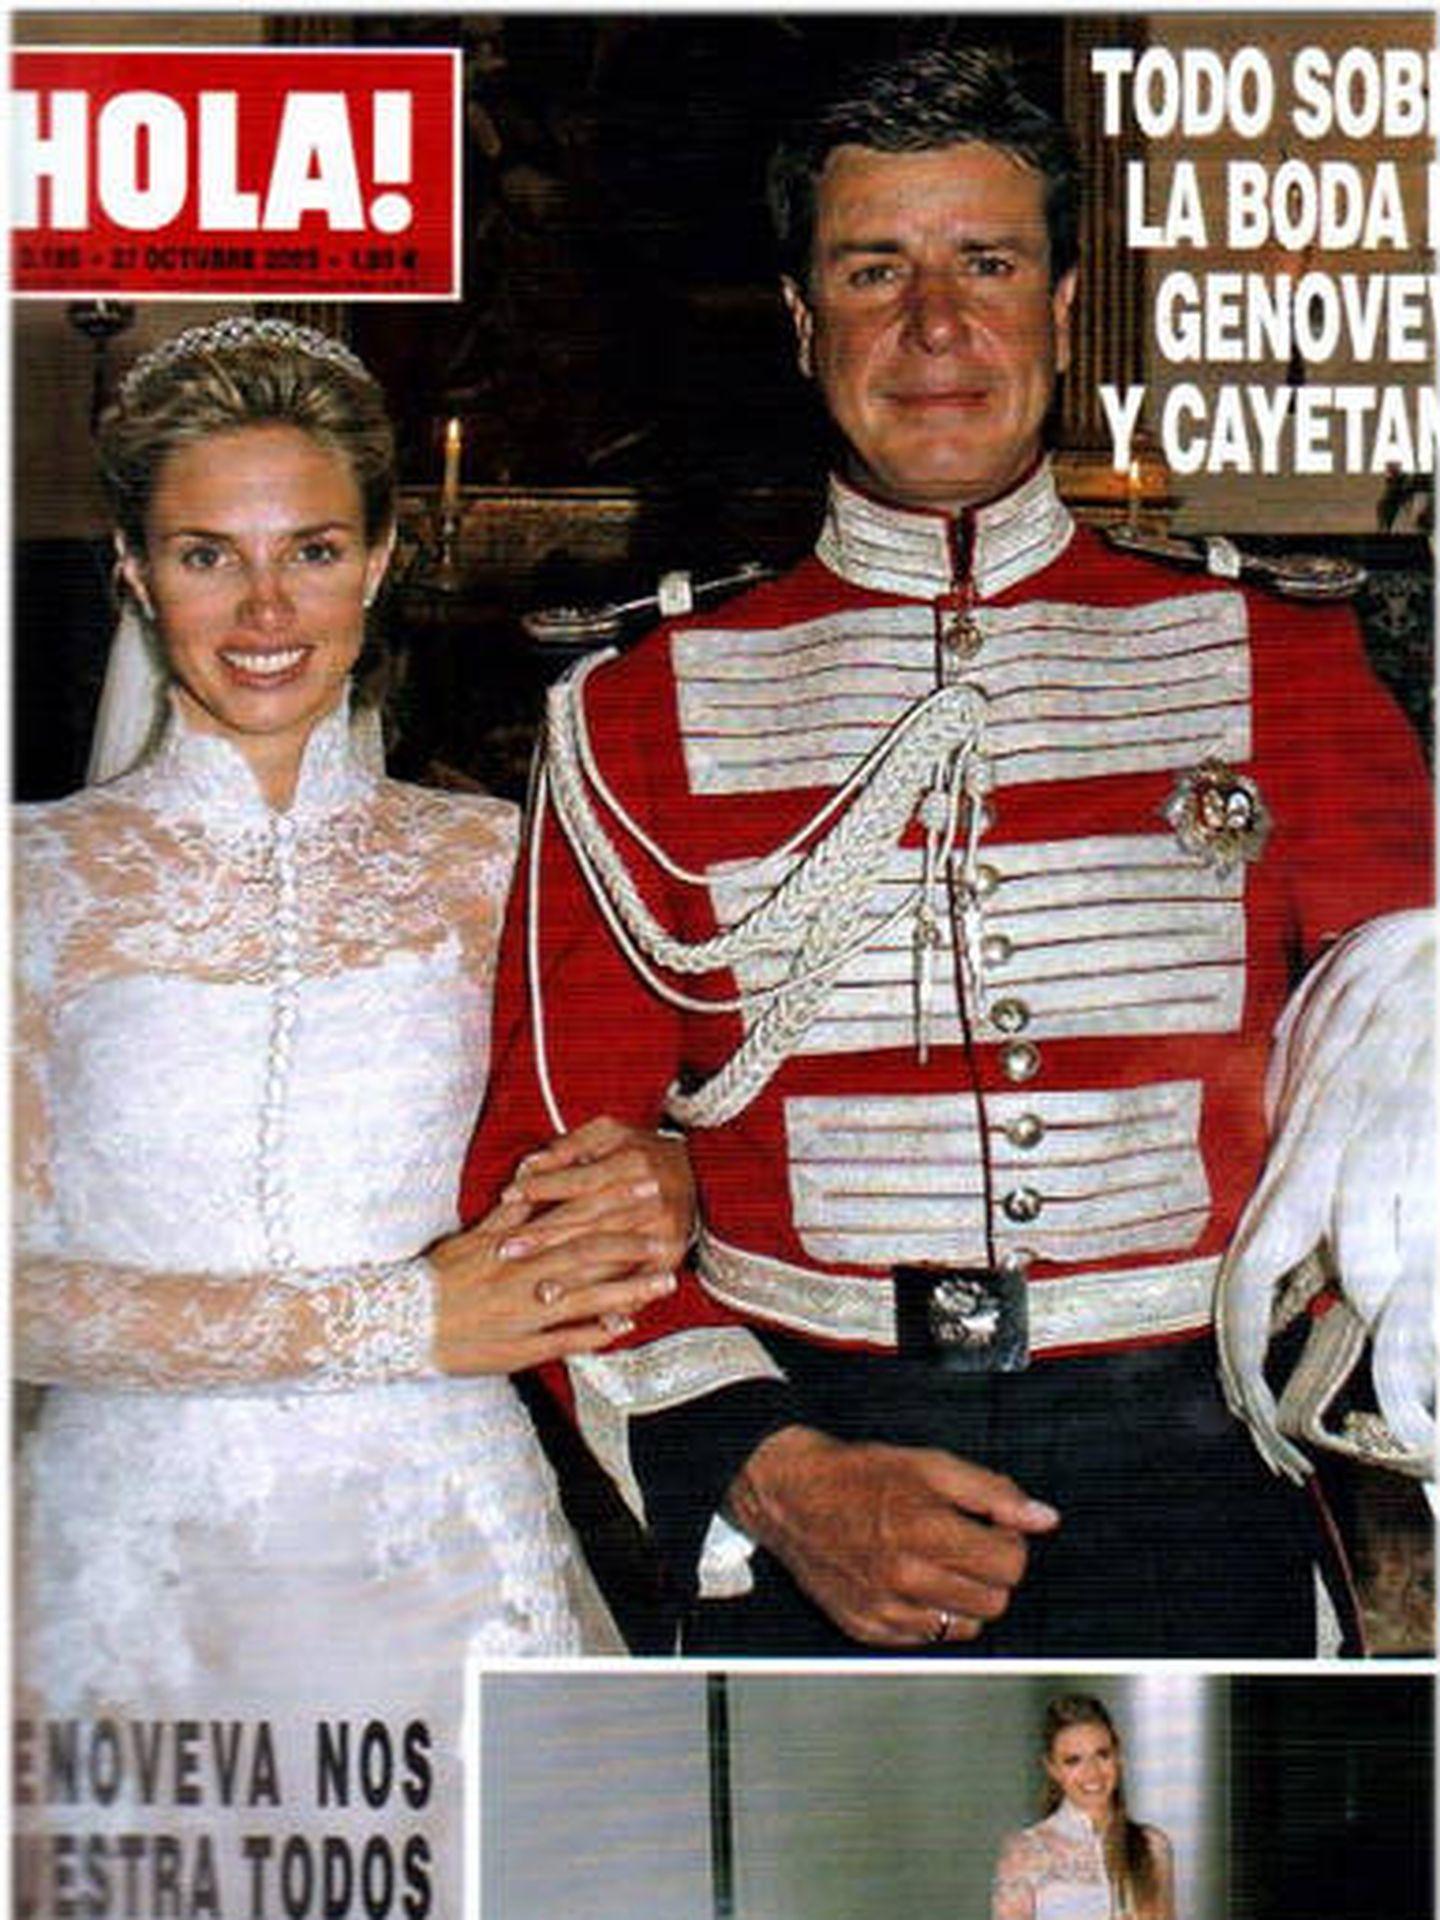 Portada de ¡Hola! de la boda de Genoveva y Cayetano. (Cortesía)